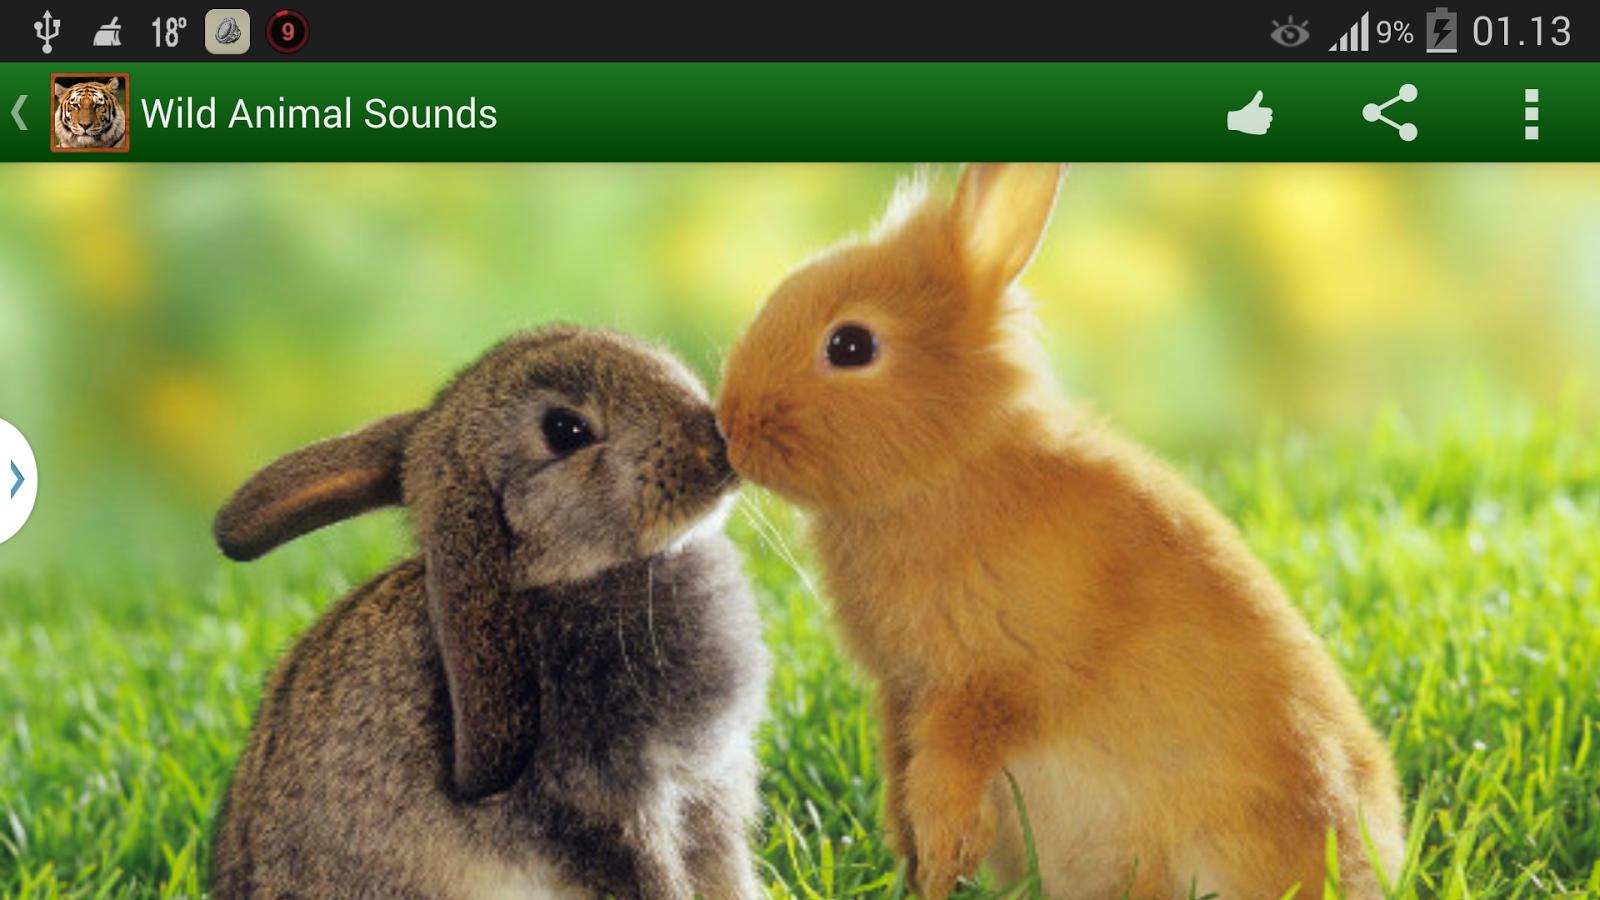 野生动物的叫声下载,教育学习-kk169